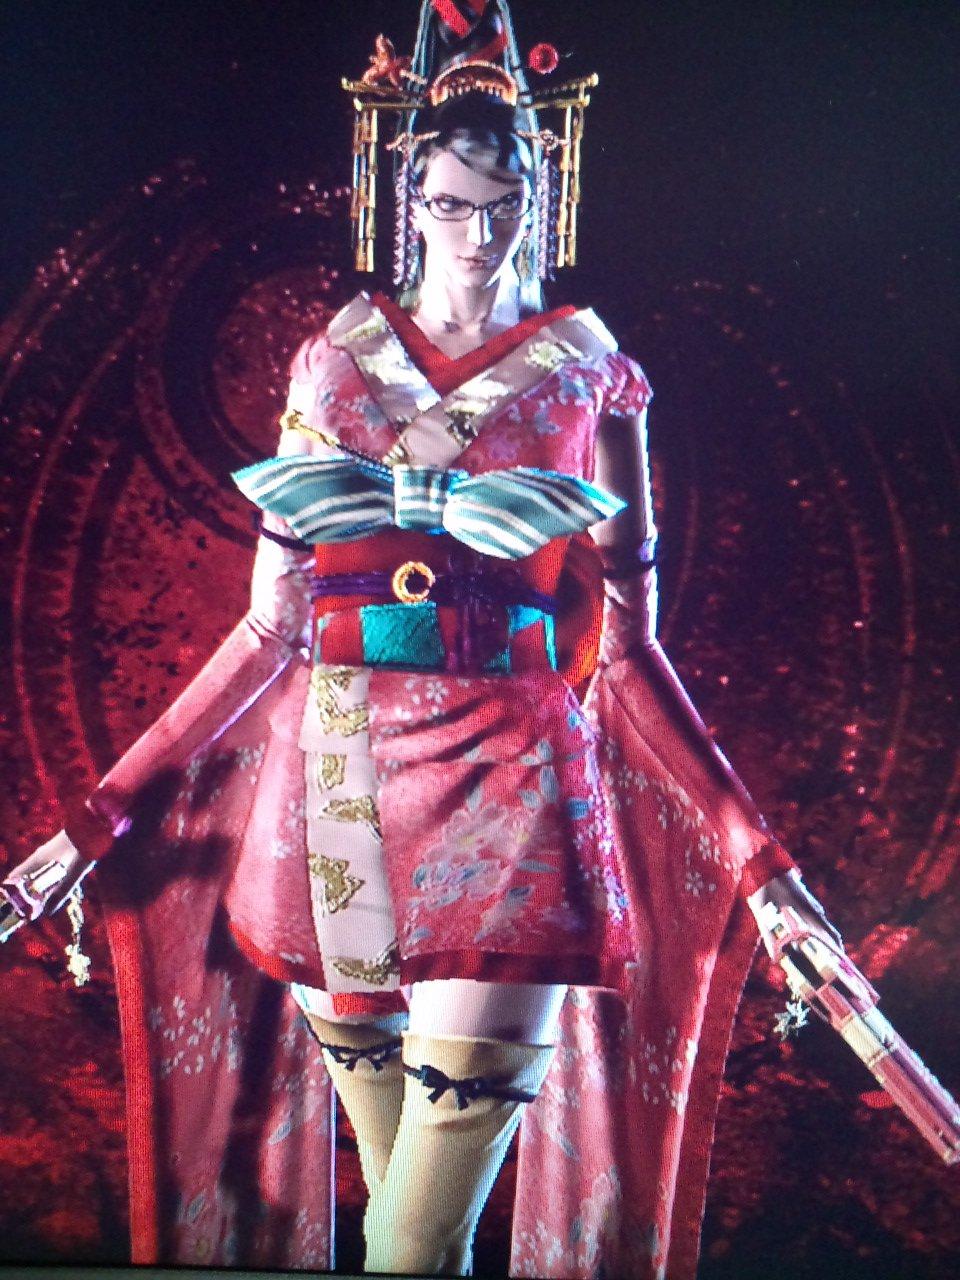 Bayonetta-Costume_10-28_04